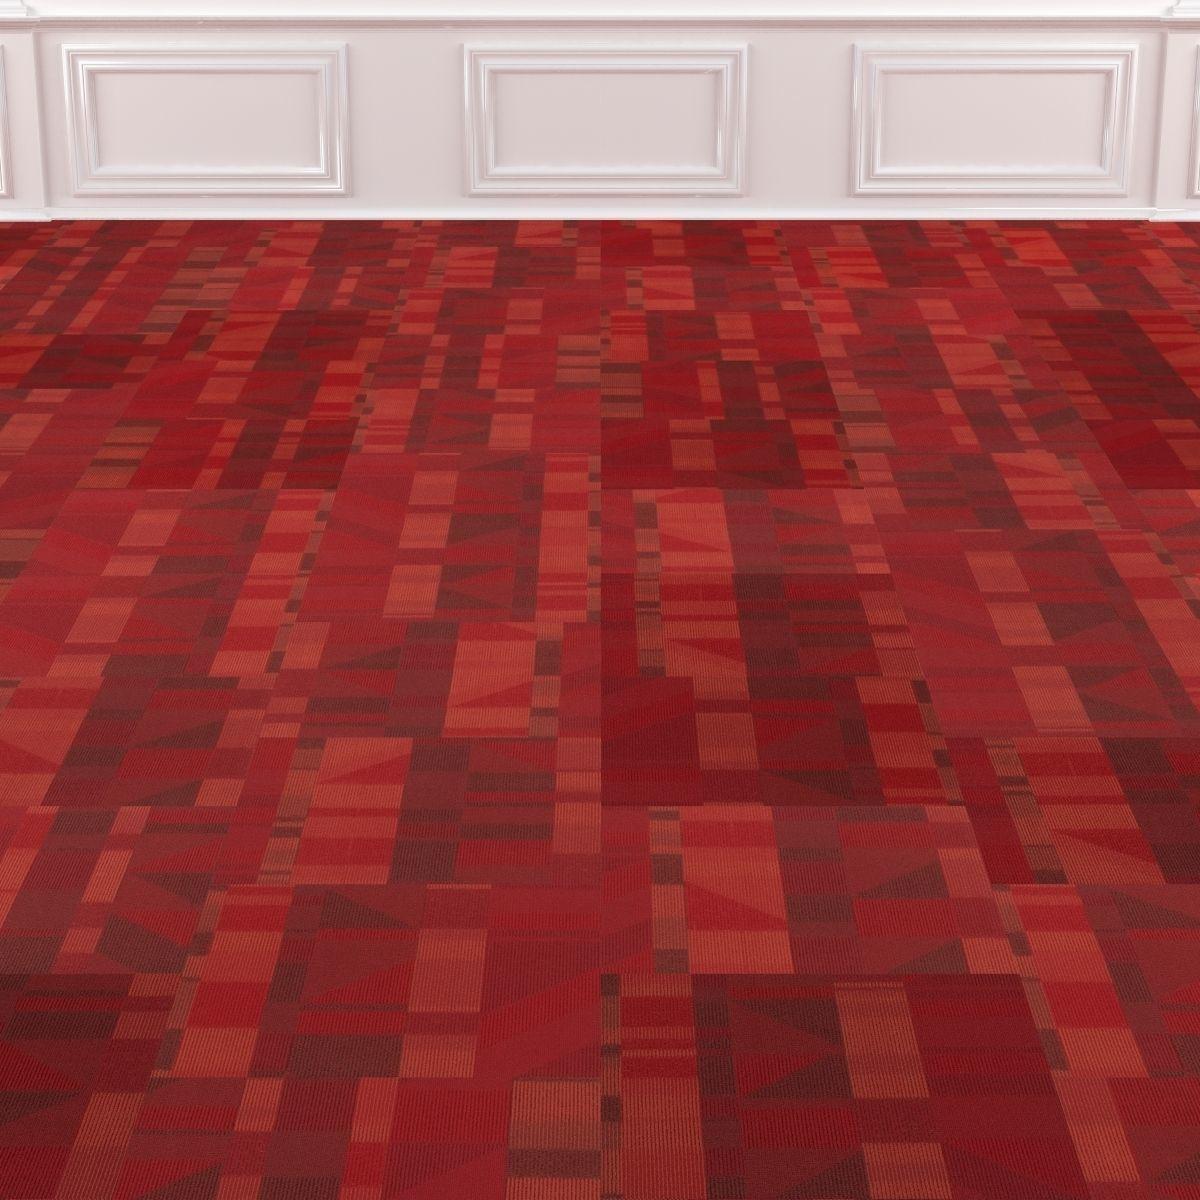 Wall To Carpet Tile No 5 Model Max Obj Mtl 2